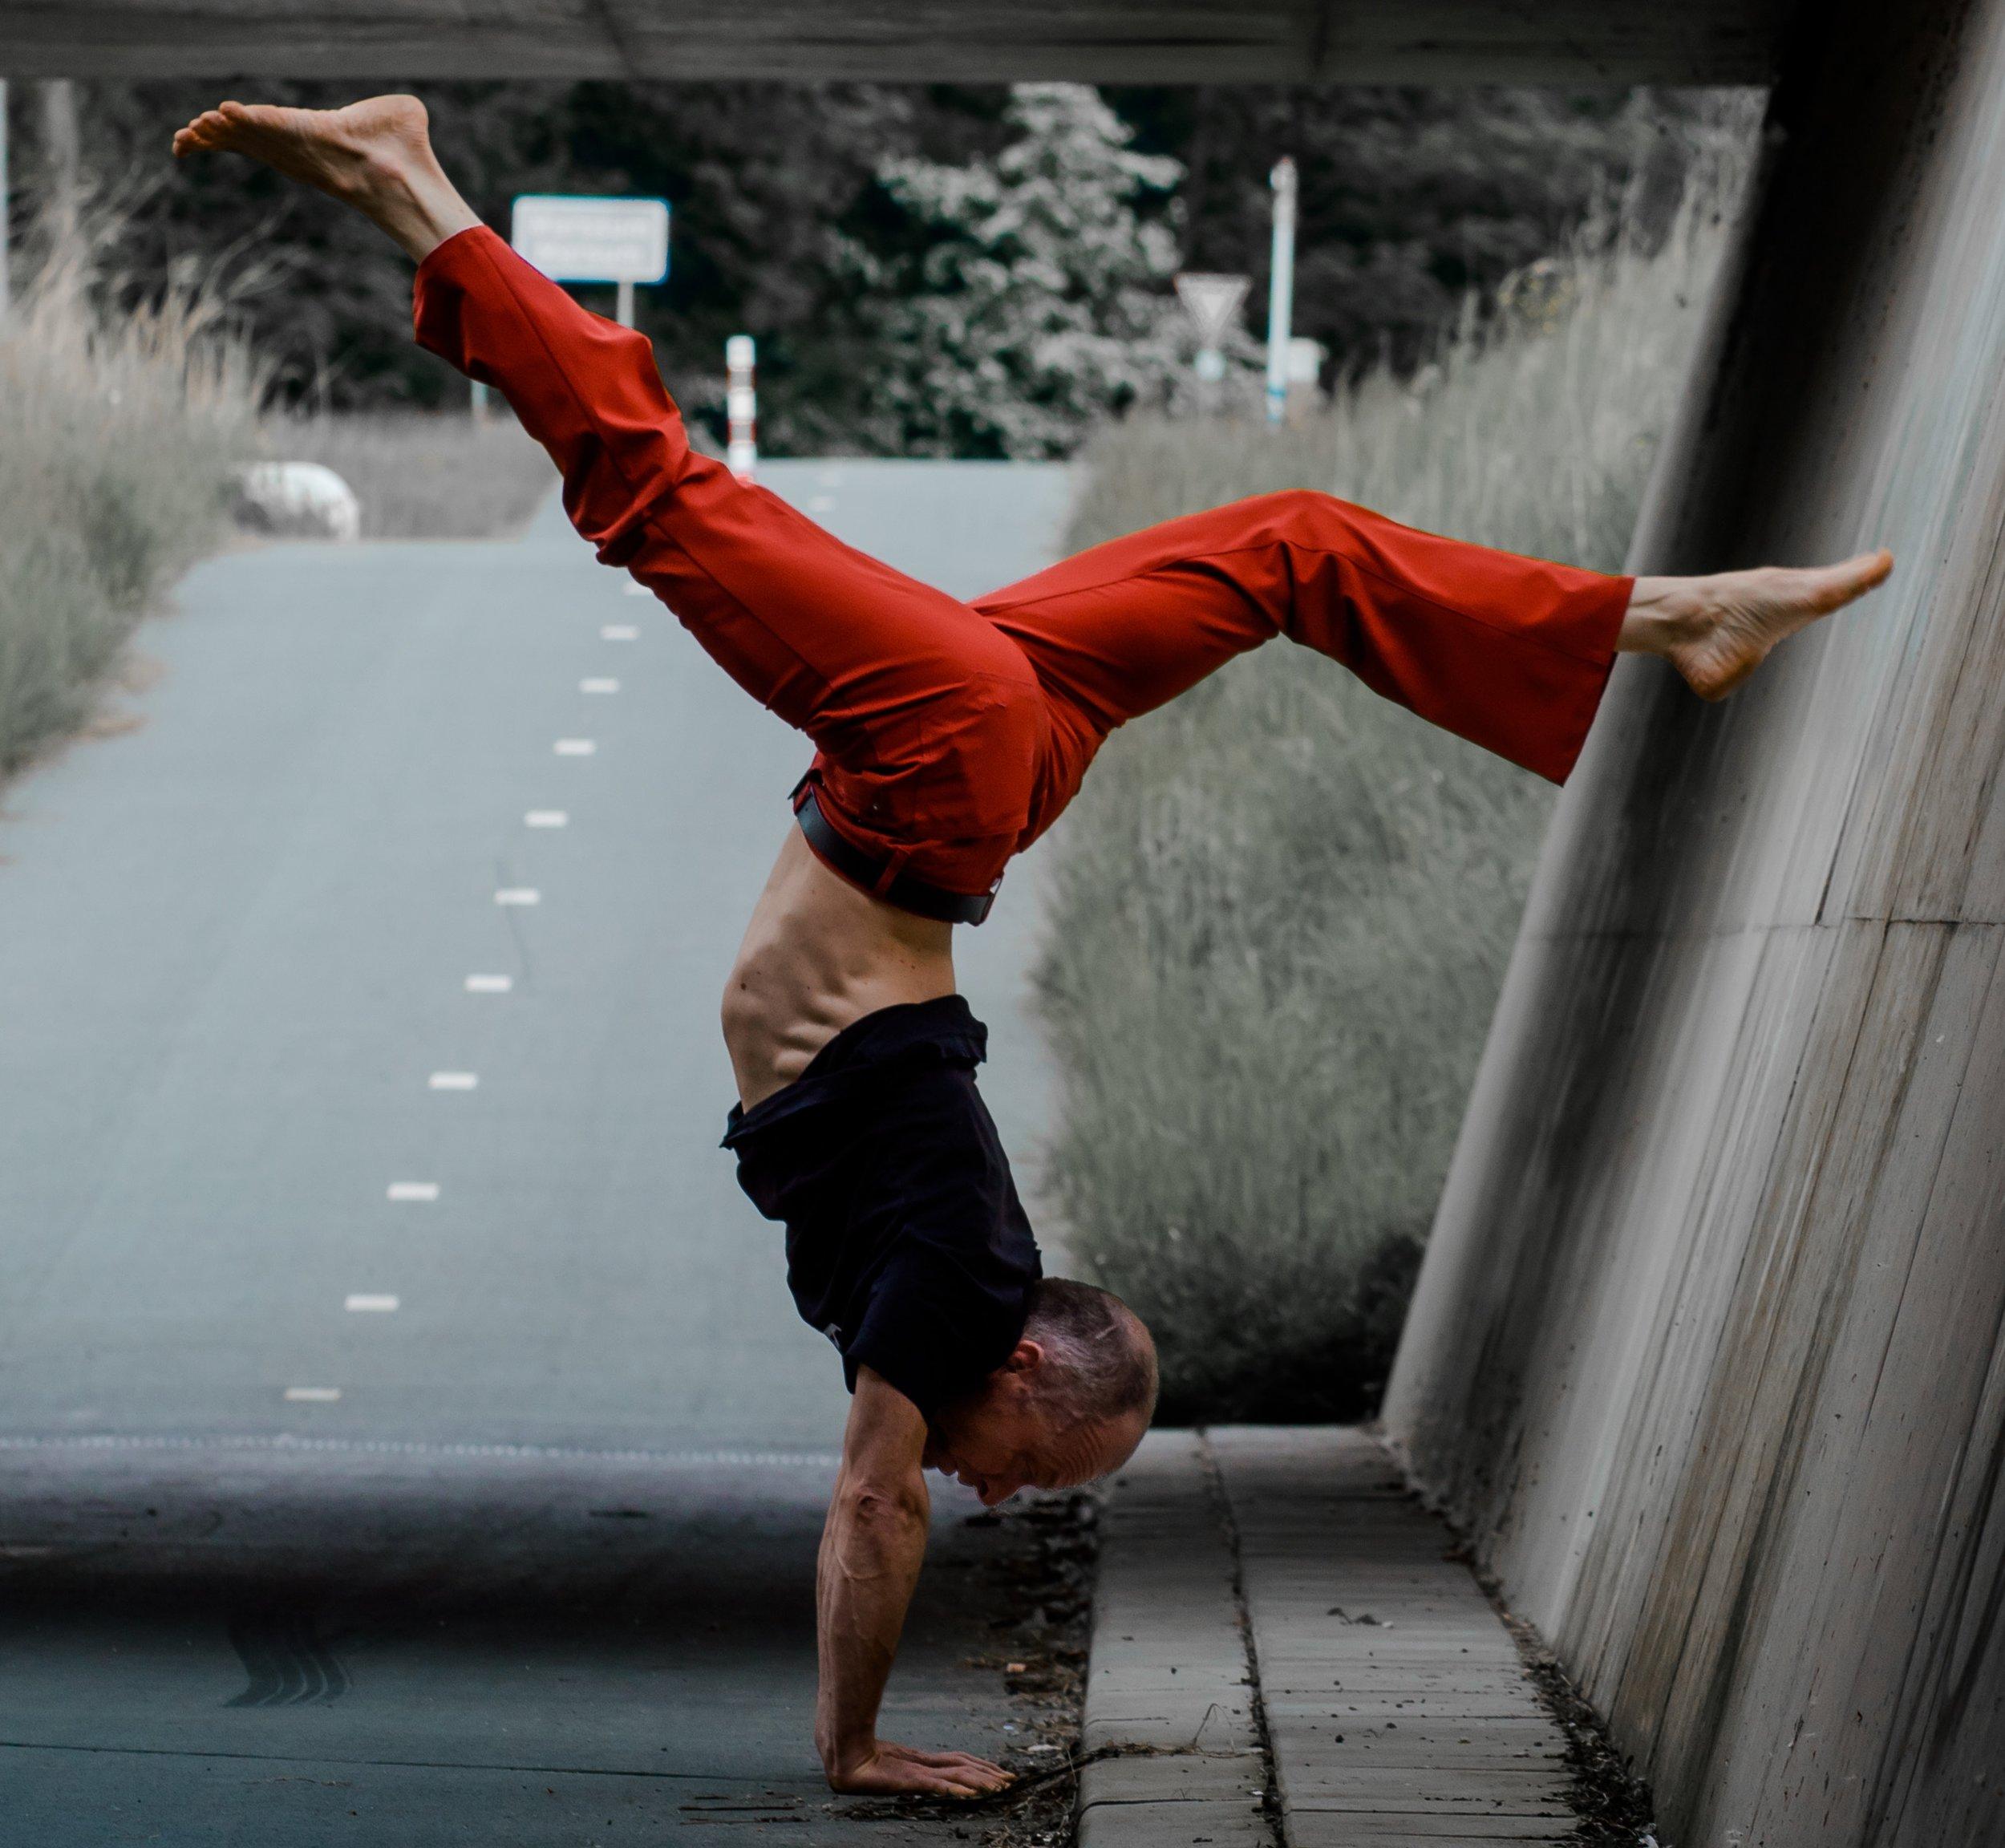 uwm.flexibility.israel-gil-596312-unsplash.jpg